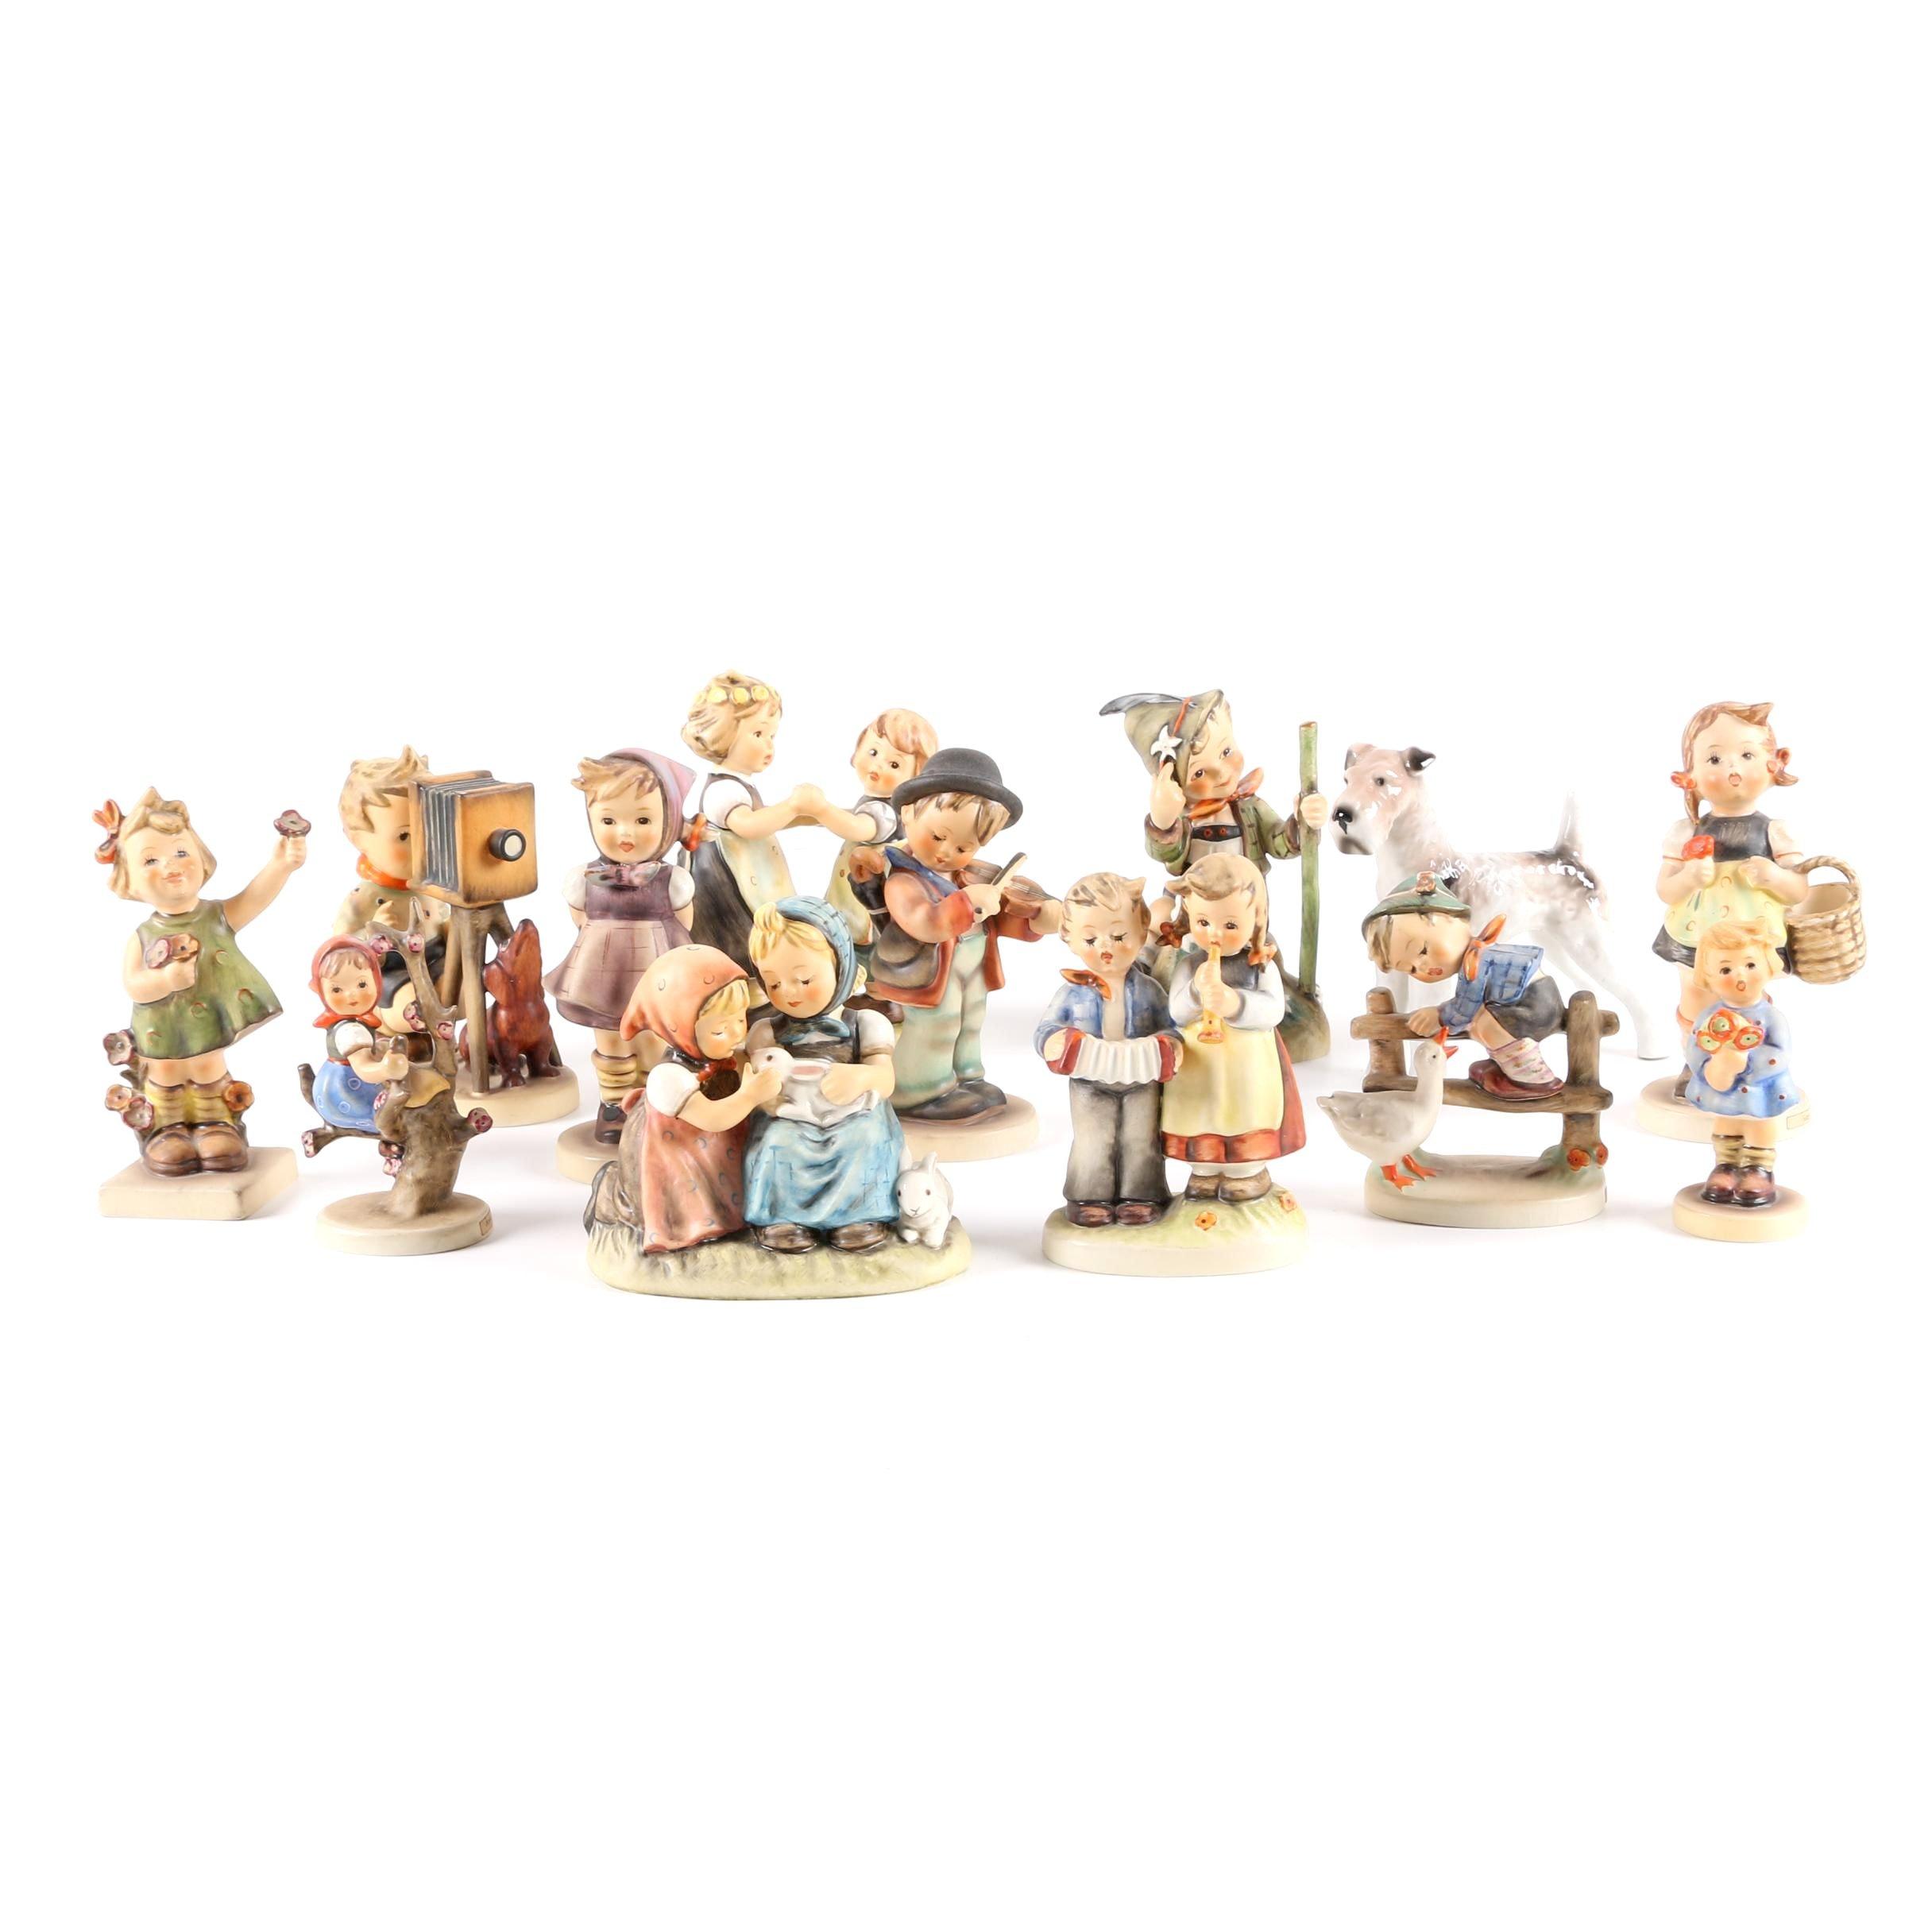 """Vintage Hummel Porcelain Figurines Featuring """"Easter Playmates"""""""